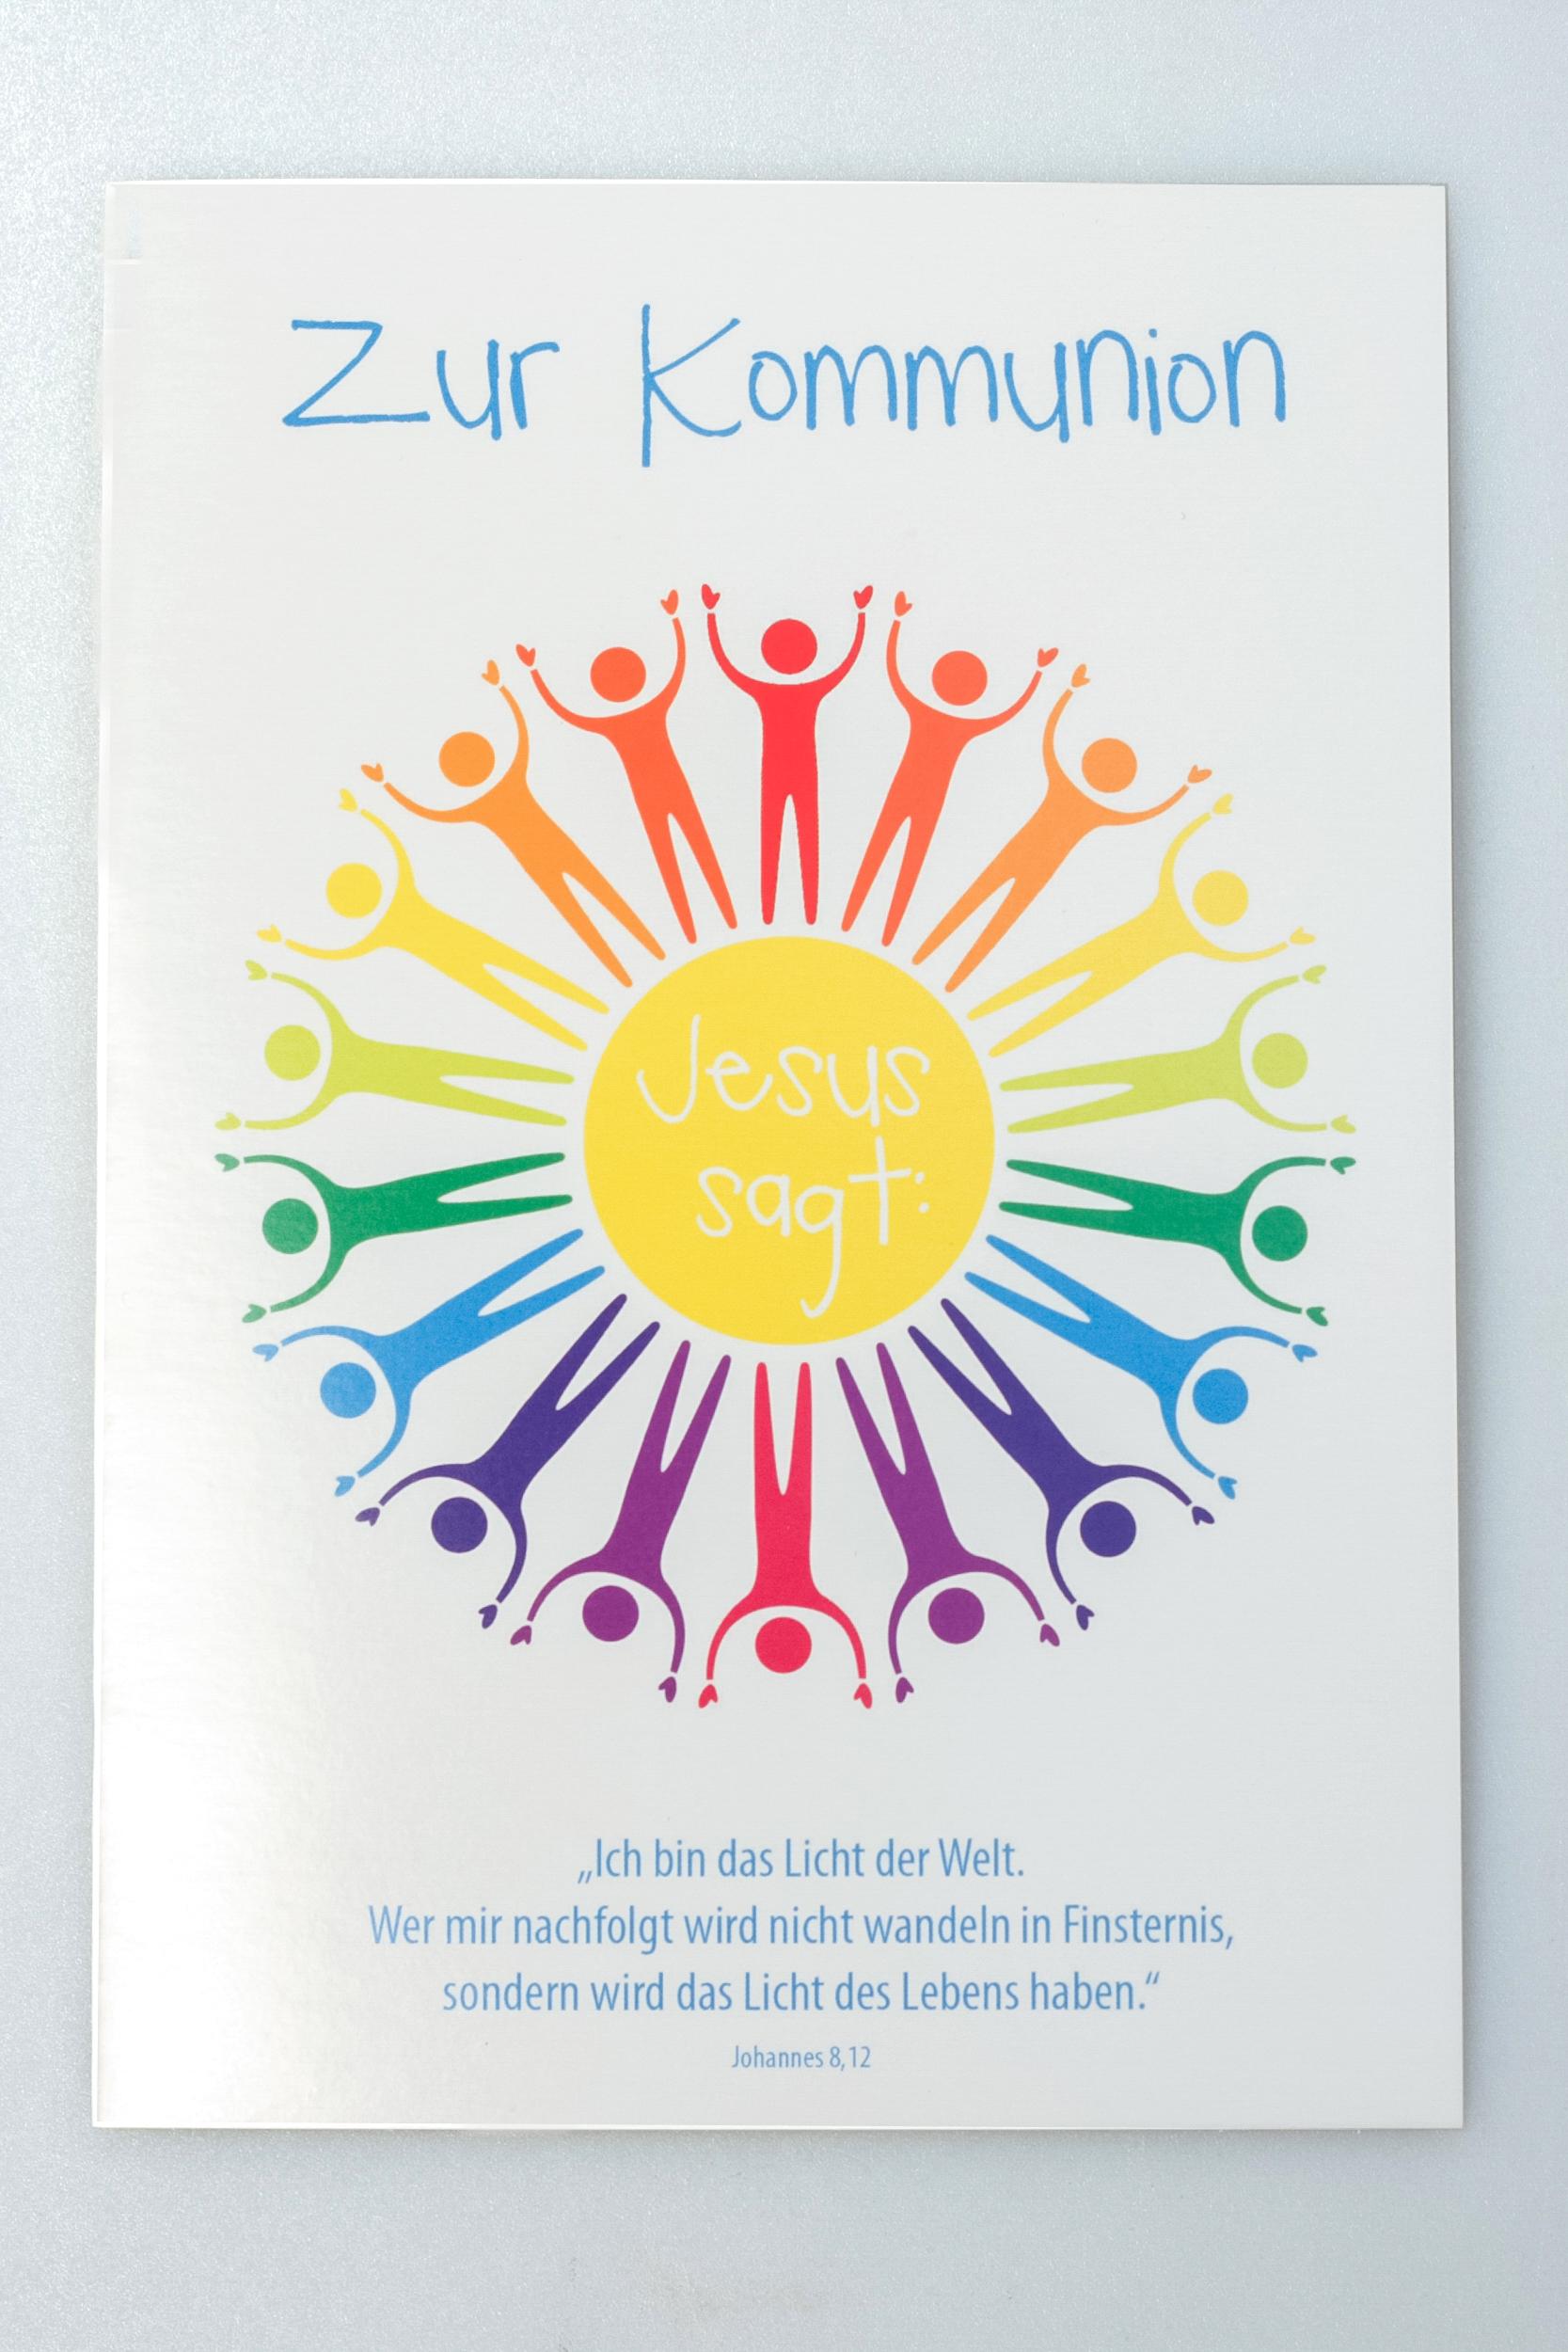 Kommunion Karte Schreiben.Kommunionkarte Menschenkreis